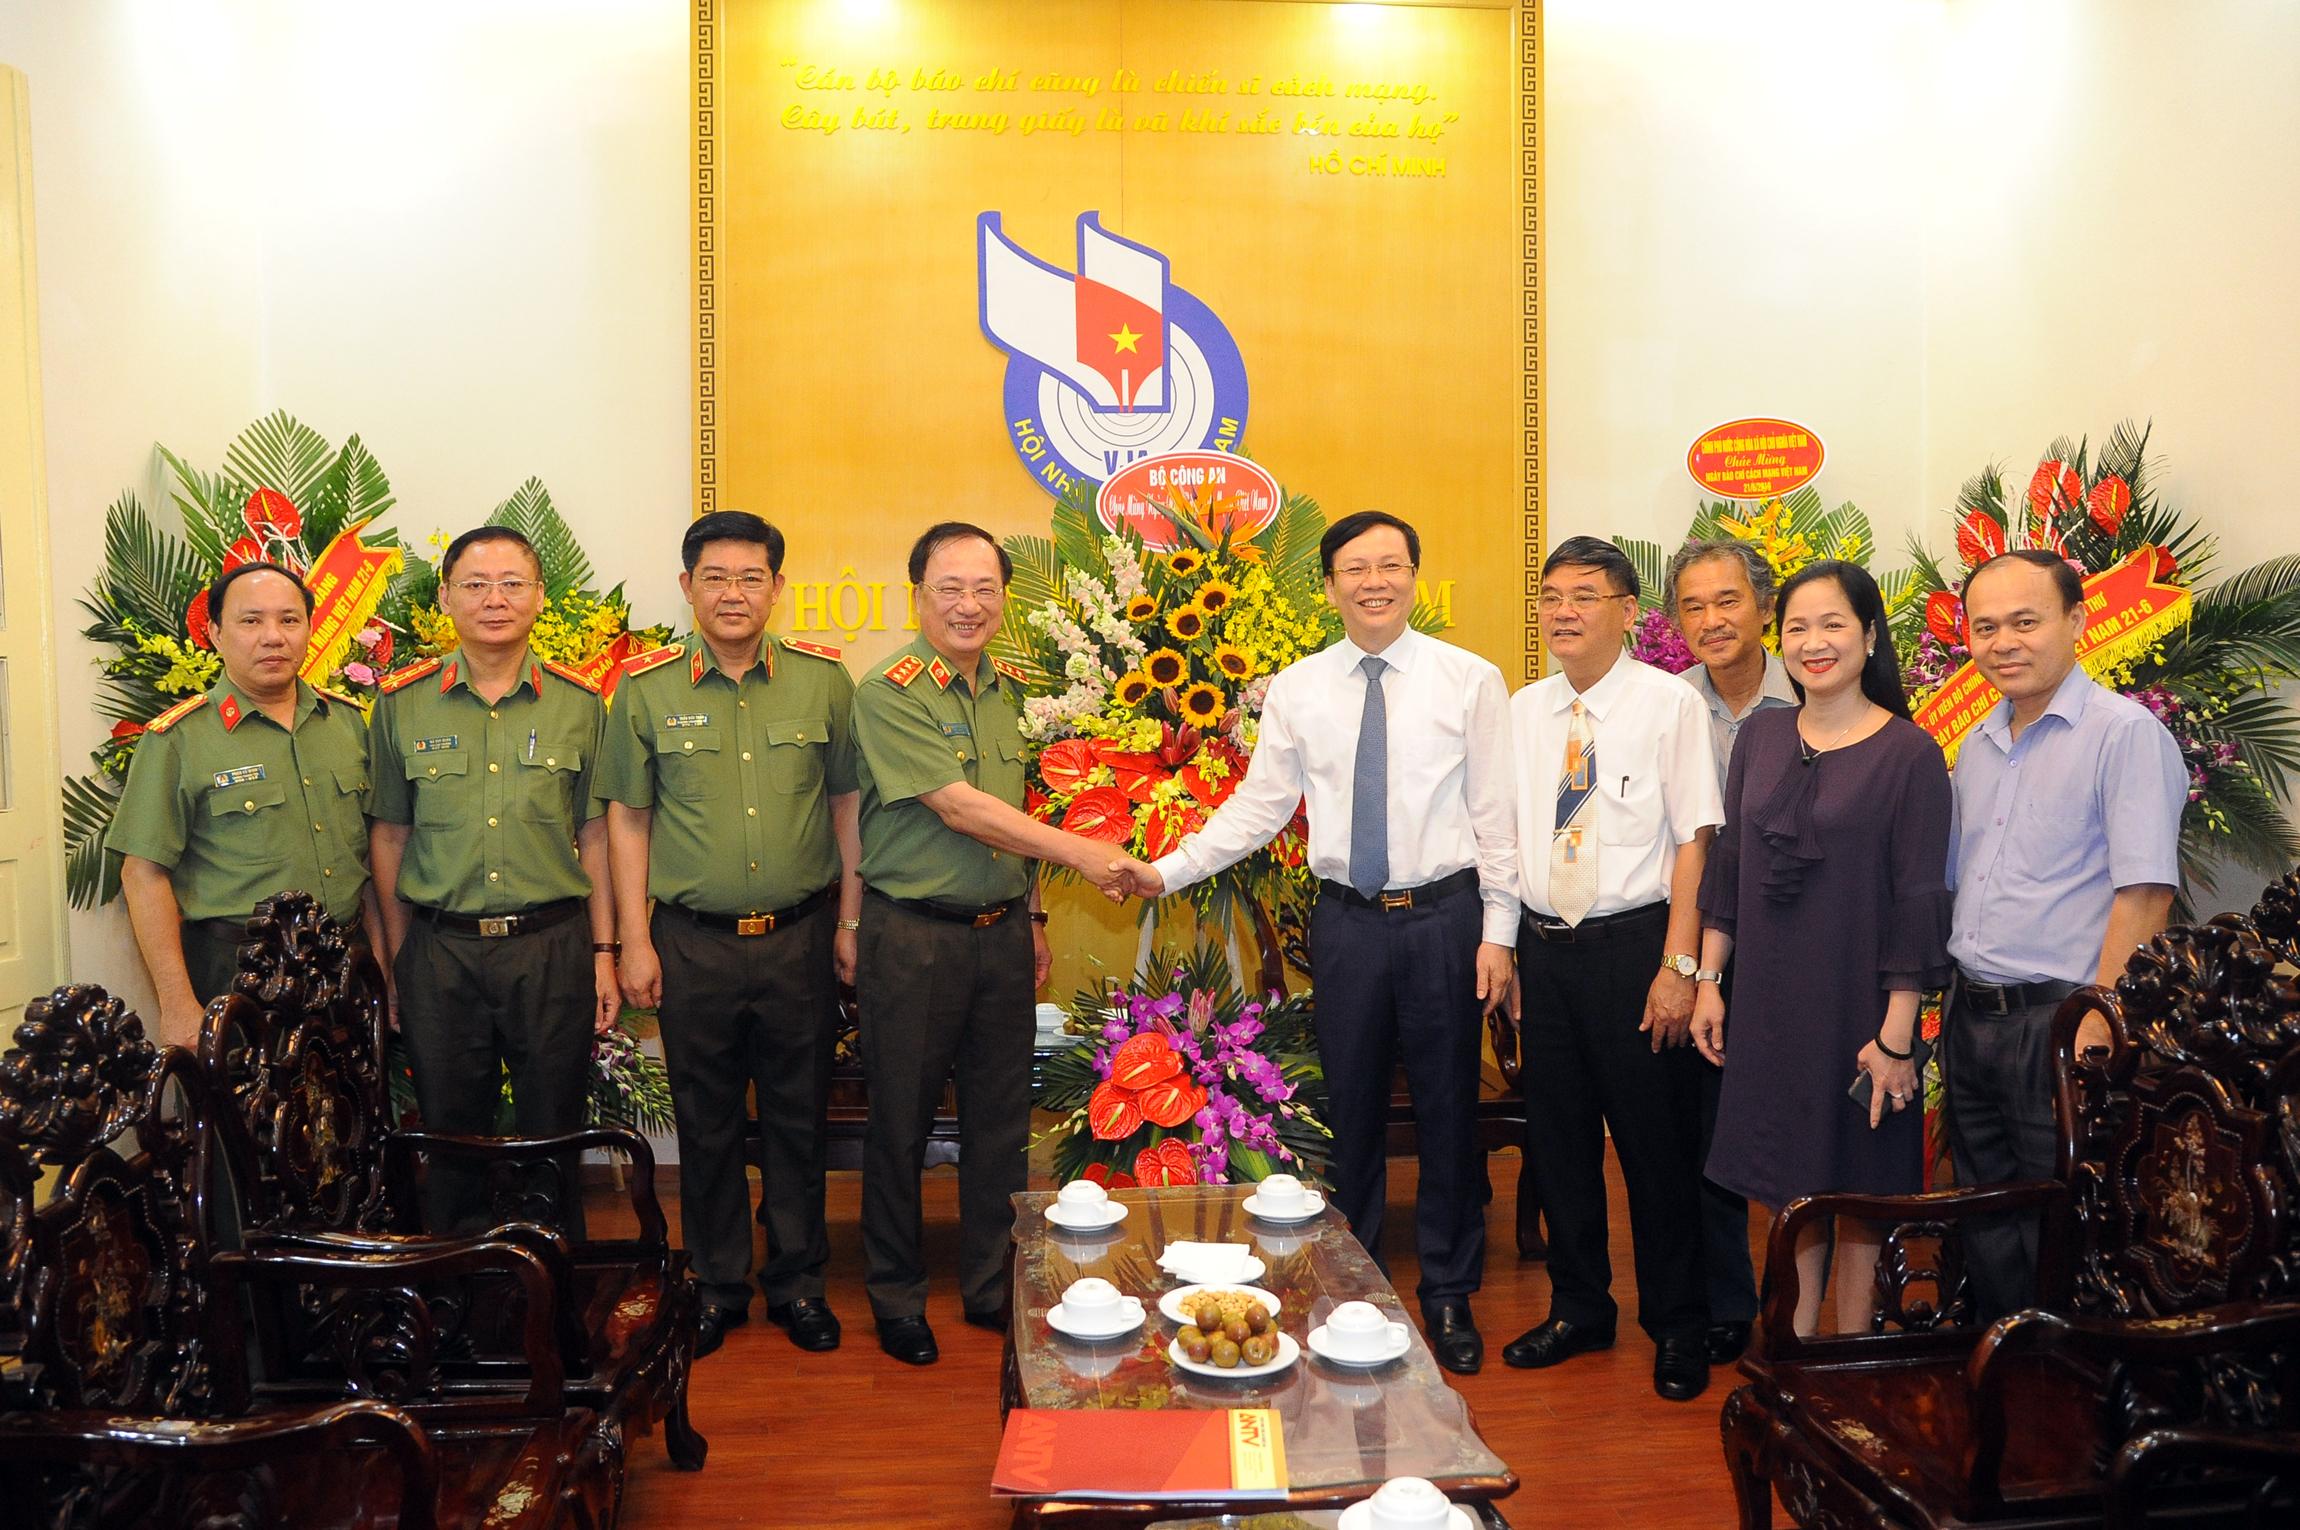 Thứ trưởng Nguyễn Văn Thành chúc mừng cơ quan thông tấn báo chí Trung ương